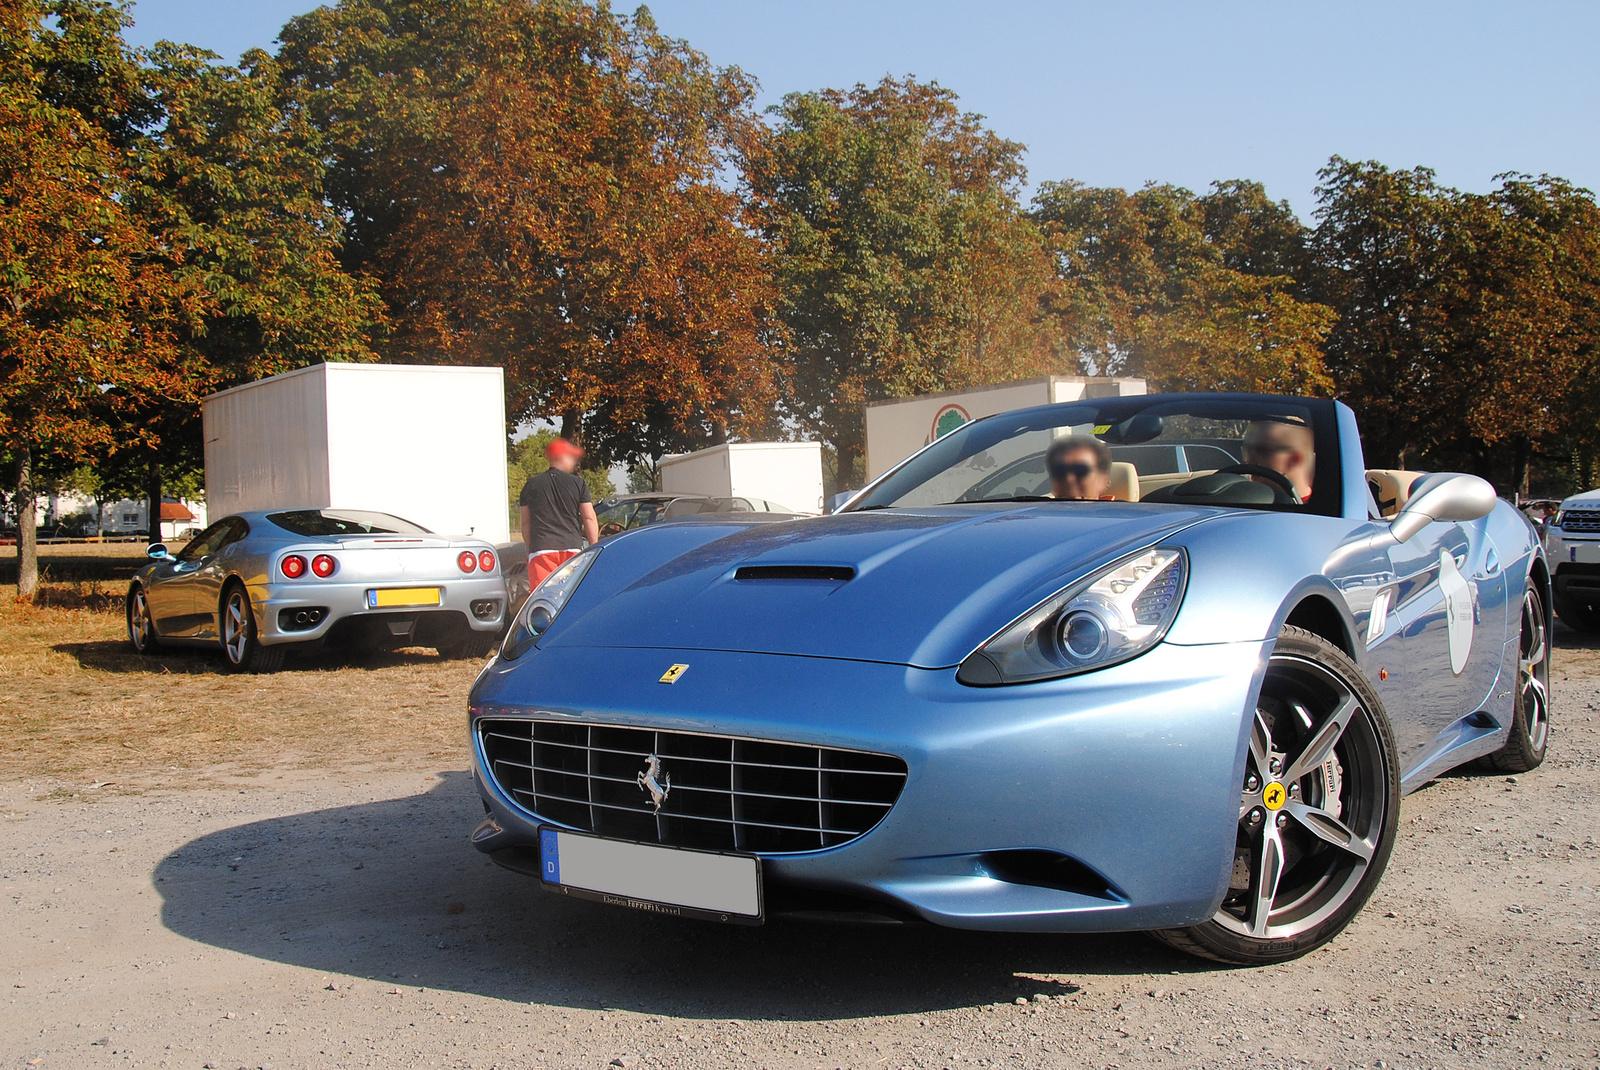 Ferrari 360 Modena - Ferrari California